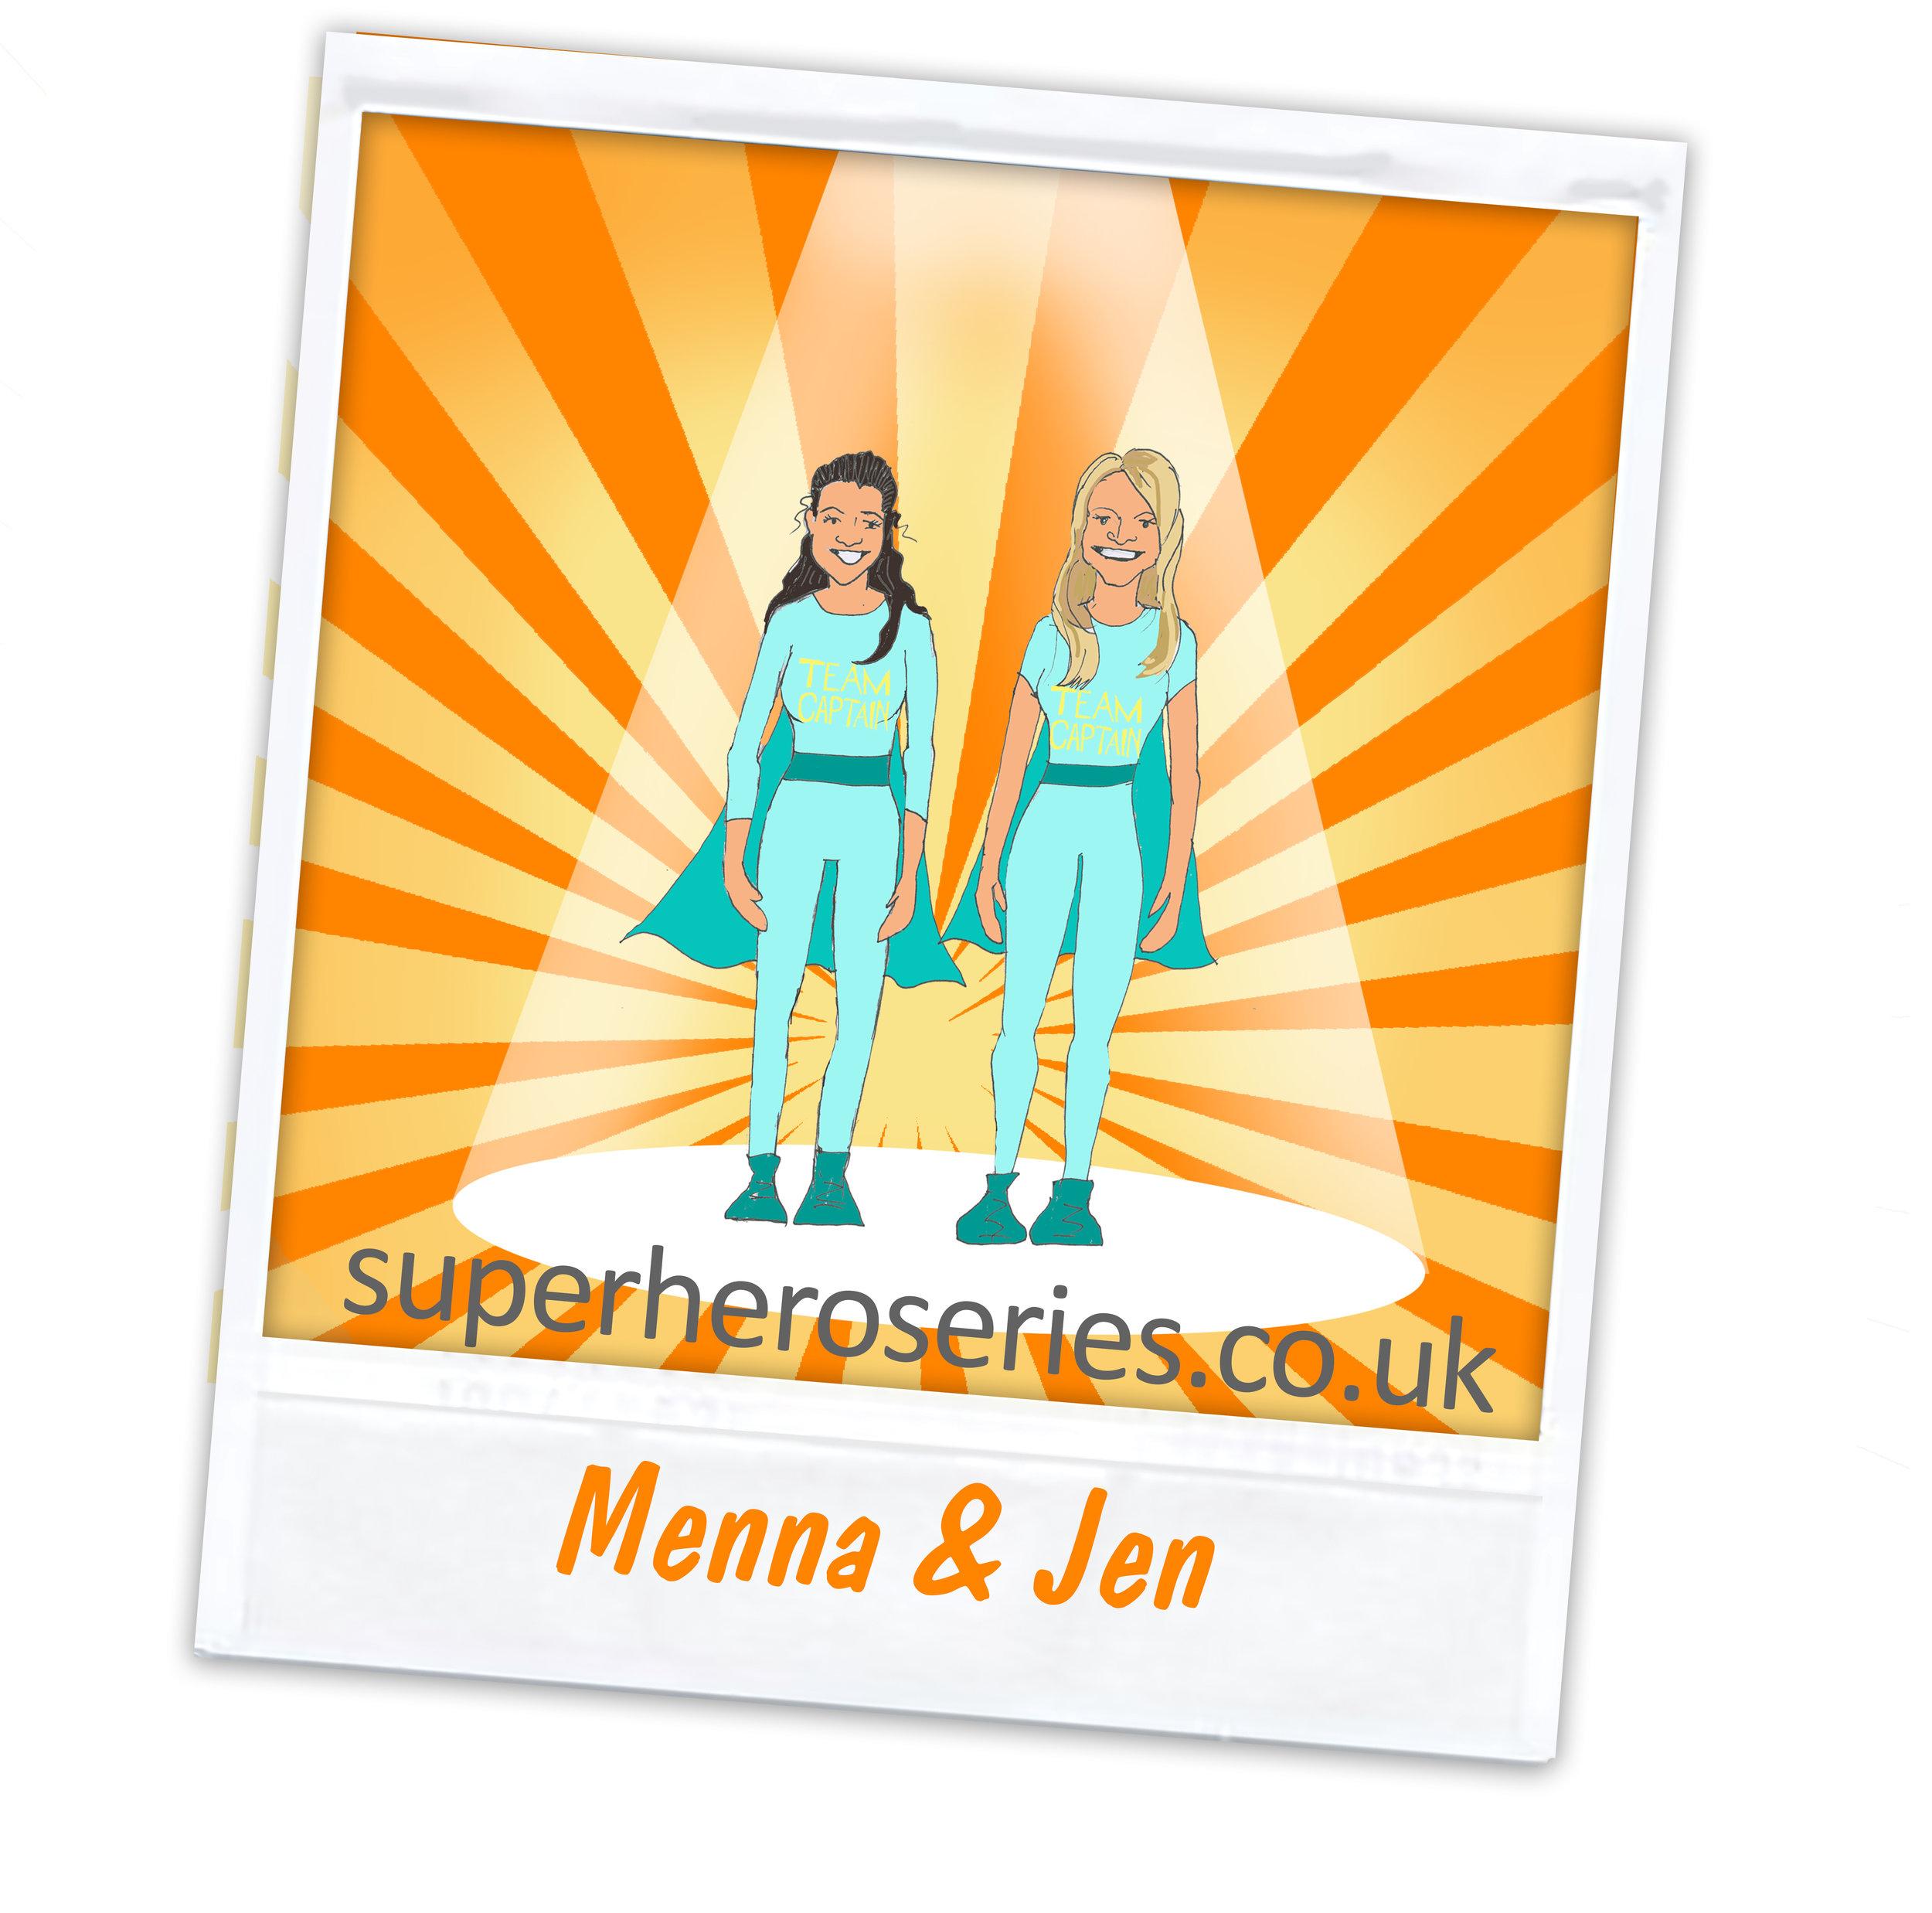 Menna & Jen Right.jpg